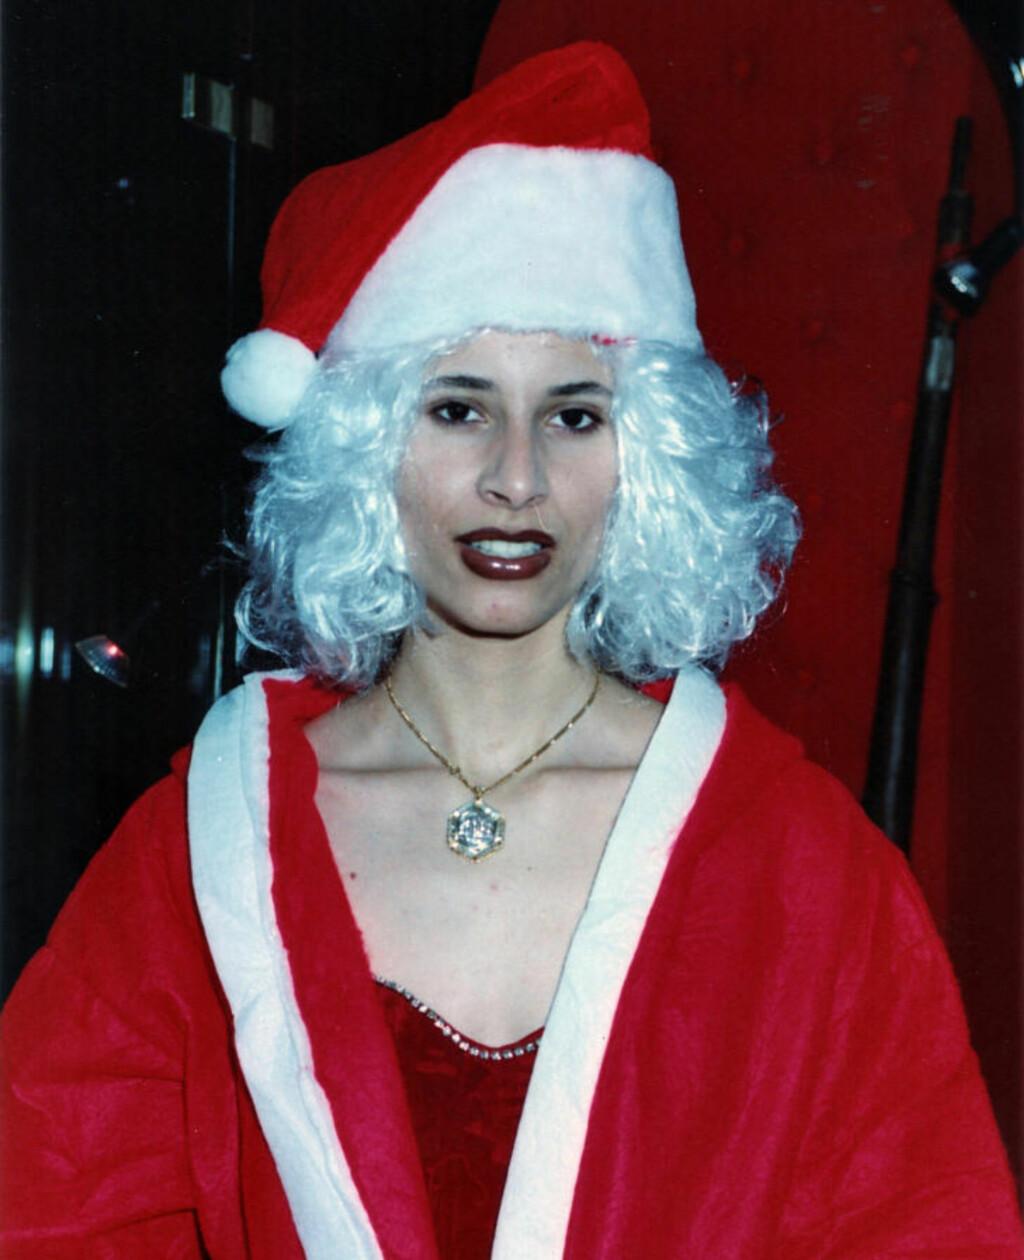 POSERER SOM JULENISSE: Her er Aisha Kadhafi ikledd julenissedrakt. Foto: Stella Pictures